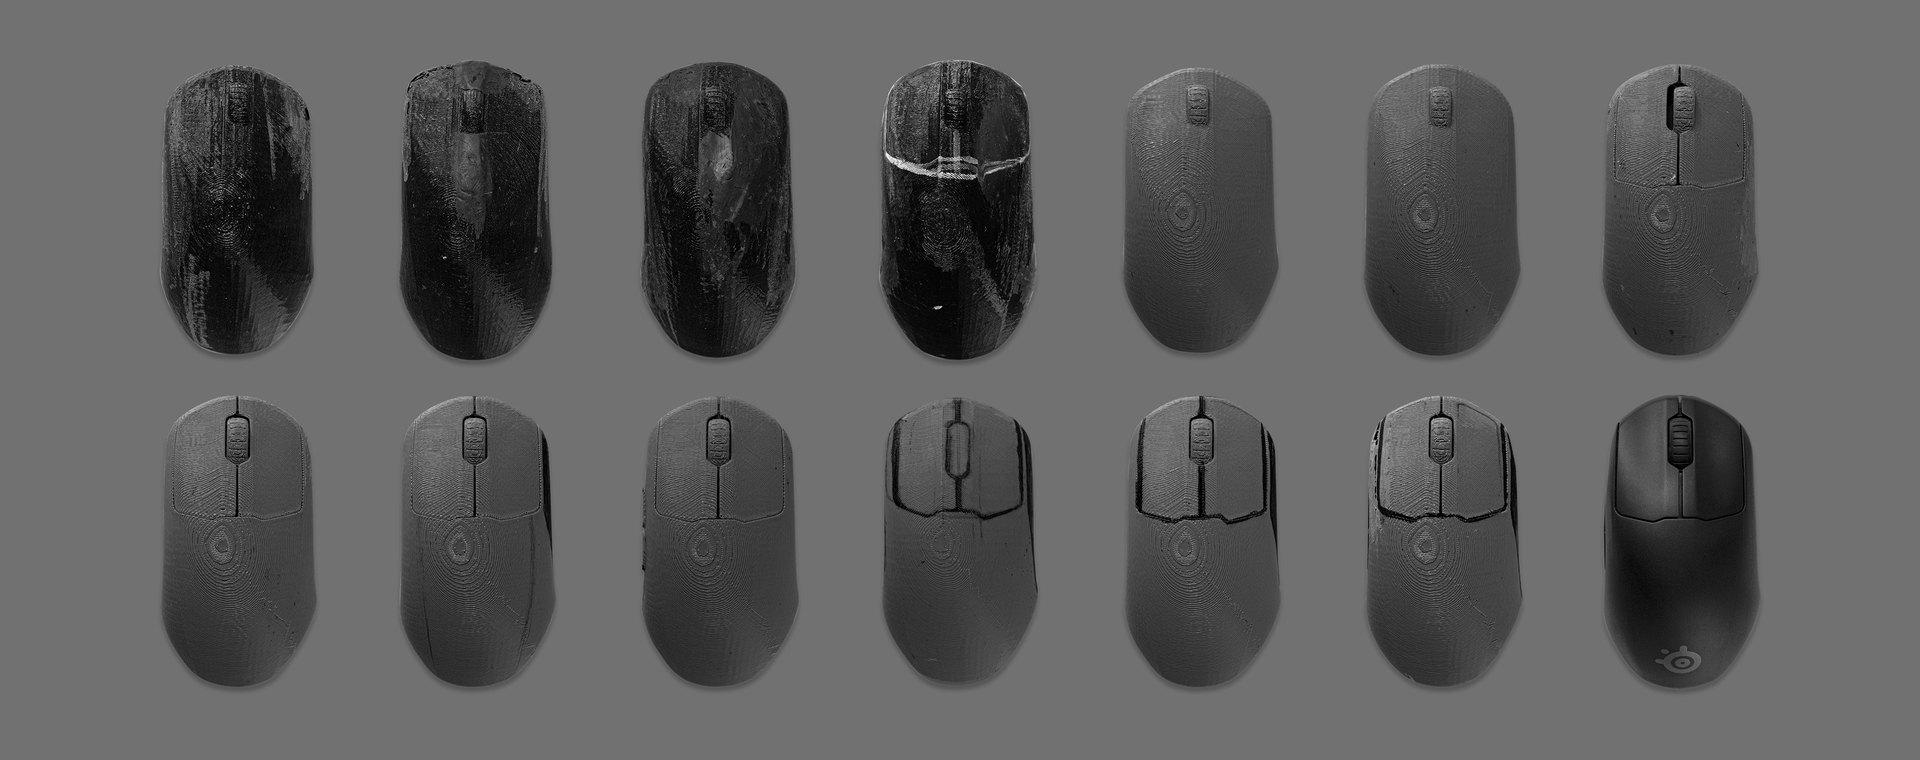 兩行滑鼠,展示出根據回饋與測試而設計的滑鼠演進過程。